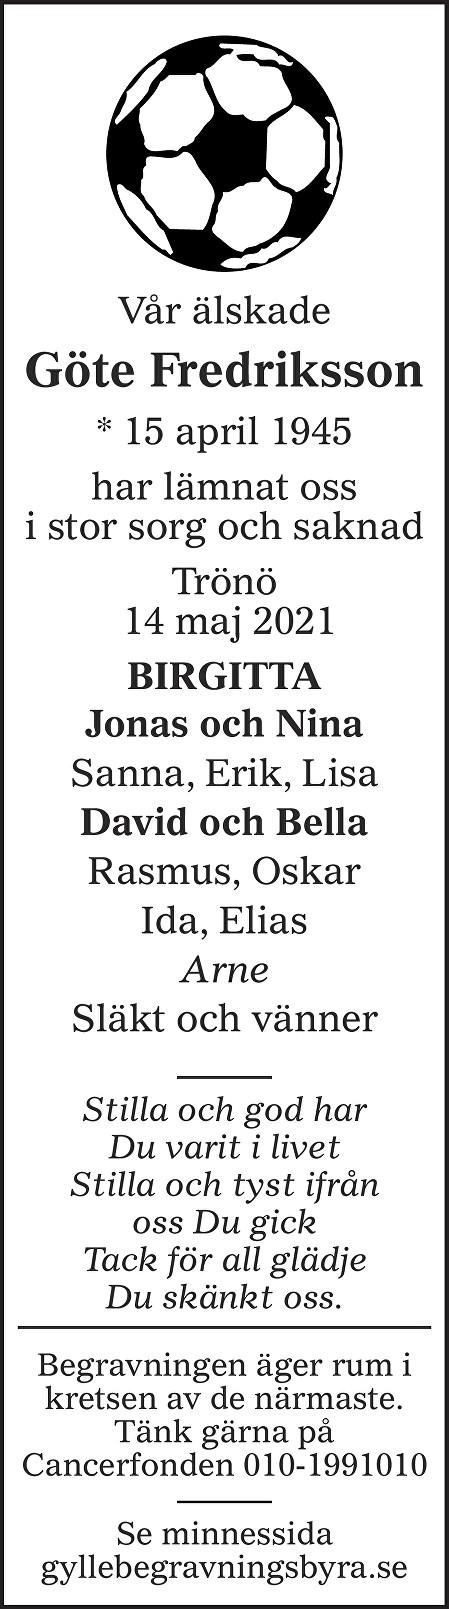 Göte Fredriksson Death notice